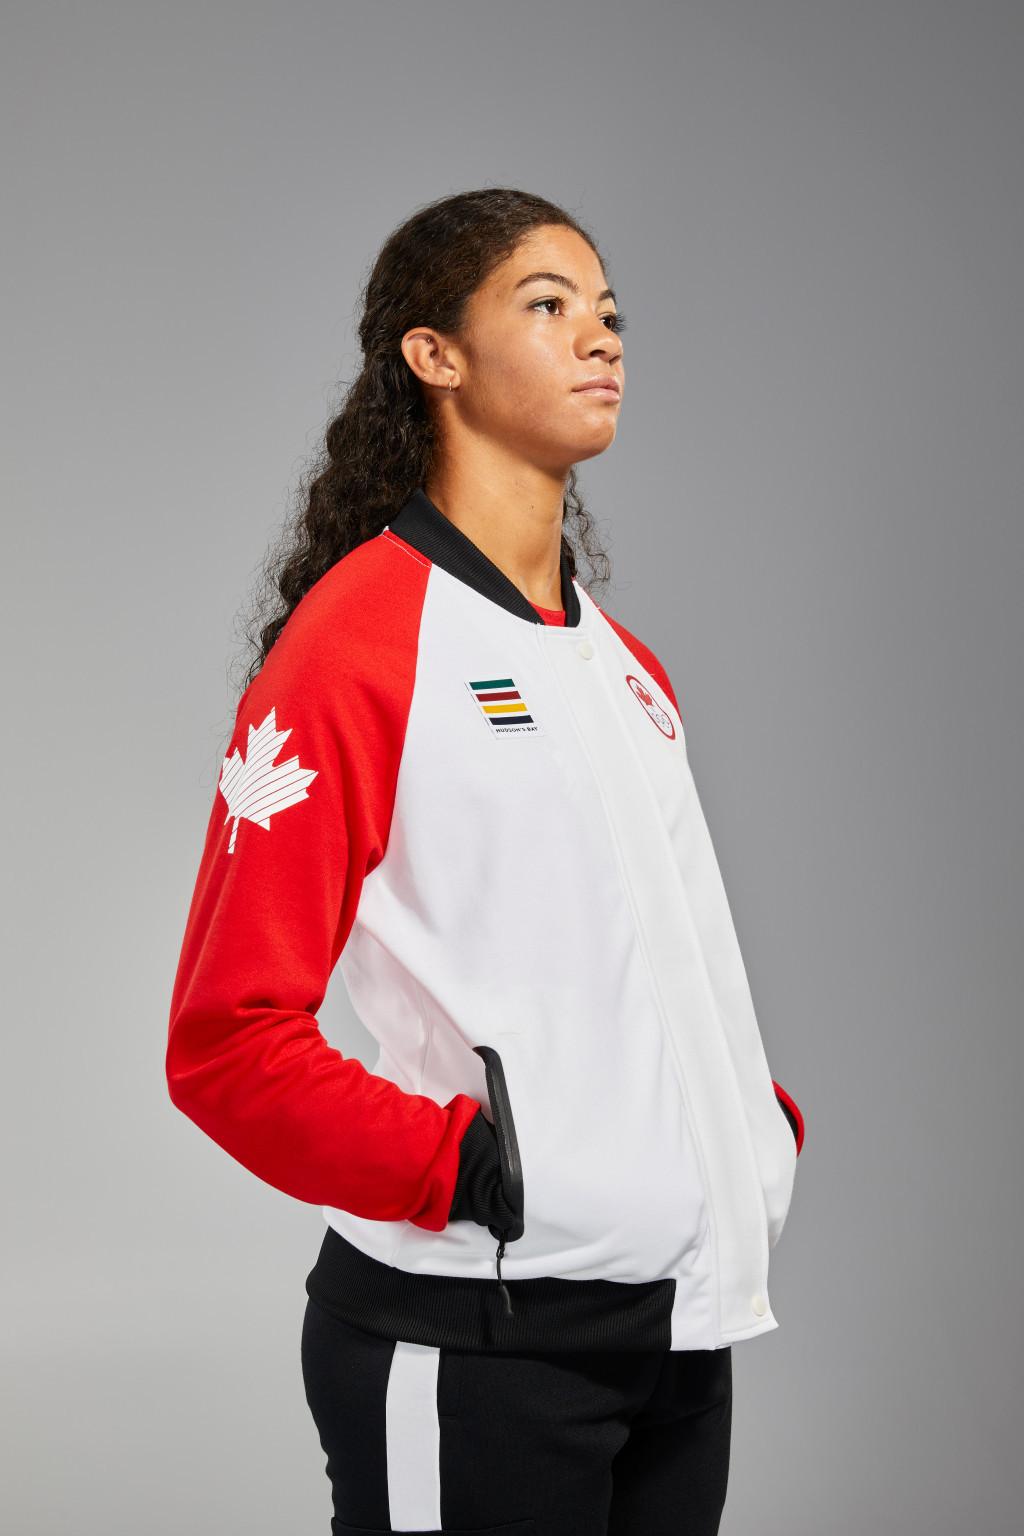 Sarah Douglas sporting the podium uniform for Team Canada ©Team Canada